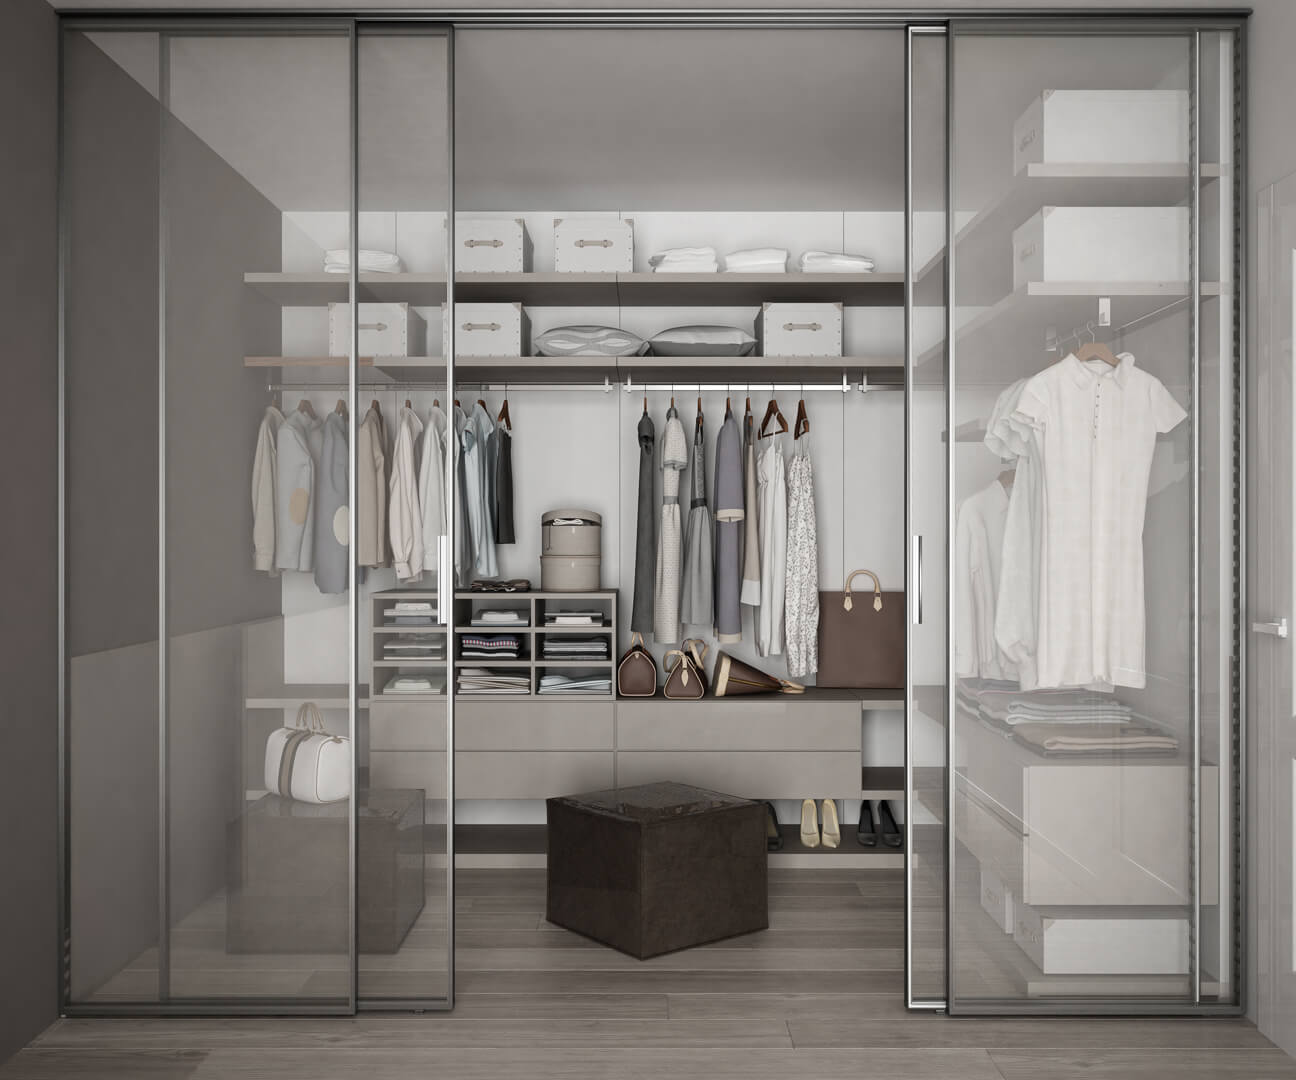 Otwarte szklane drzwi przesuwne z wejściem do nowoczesnej garderoby